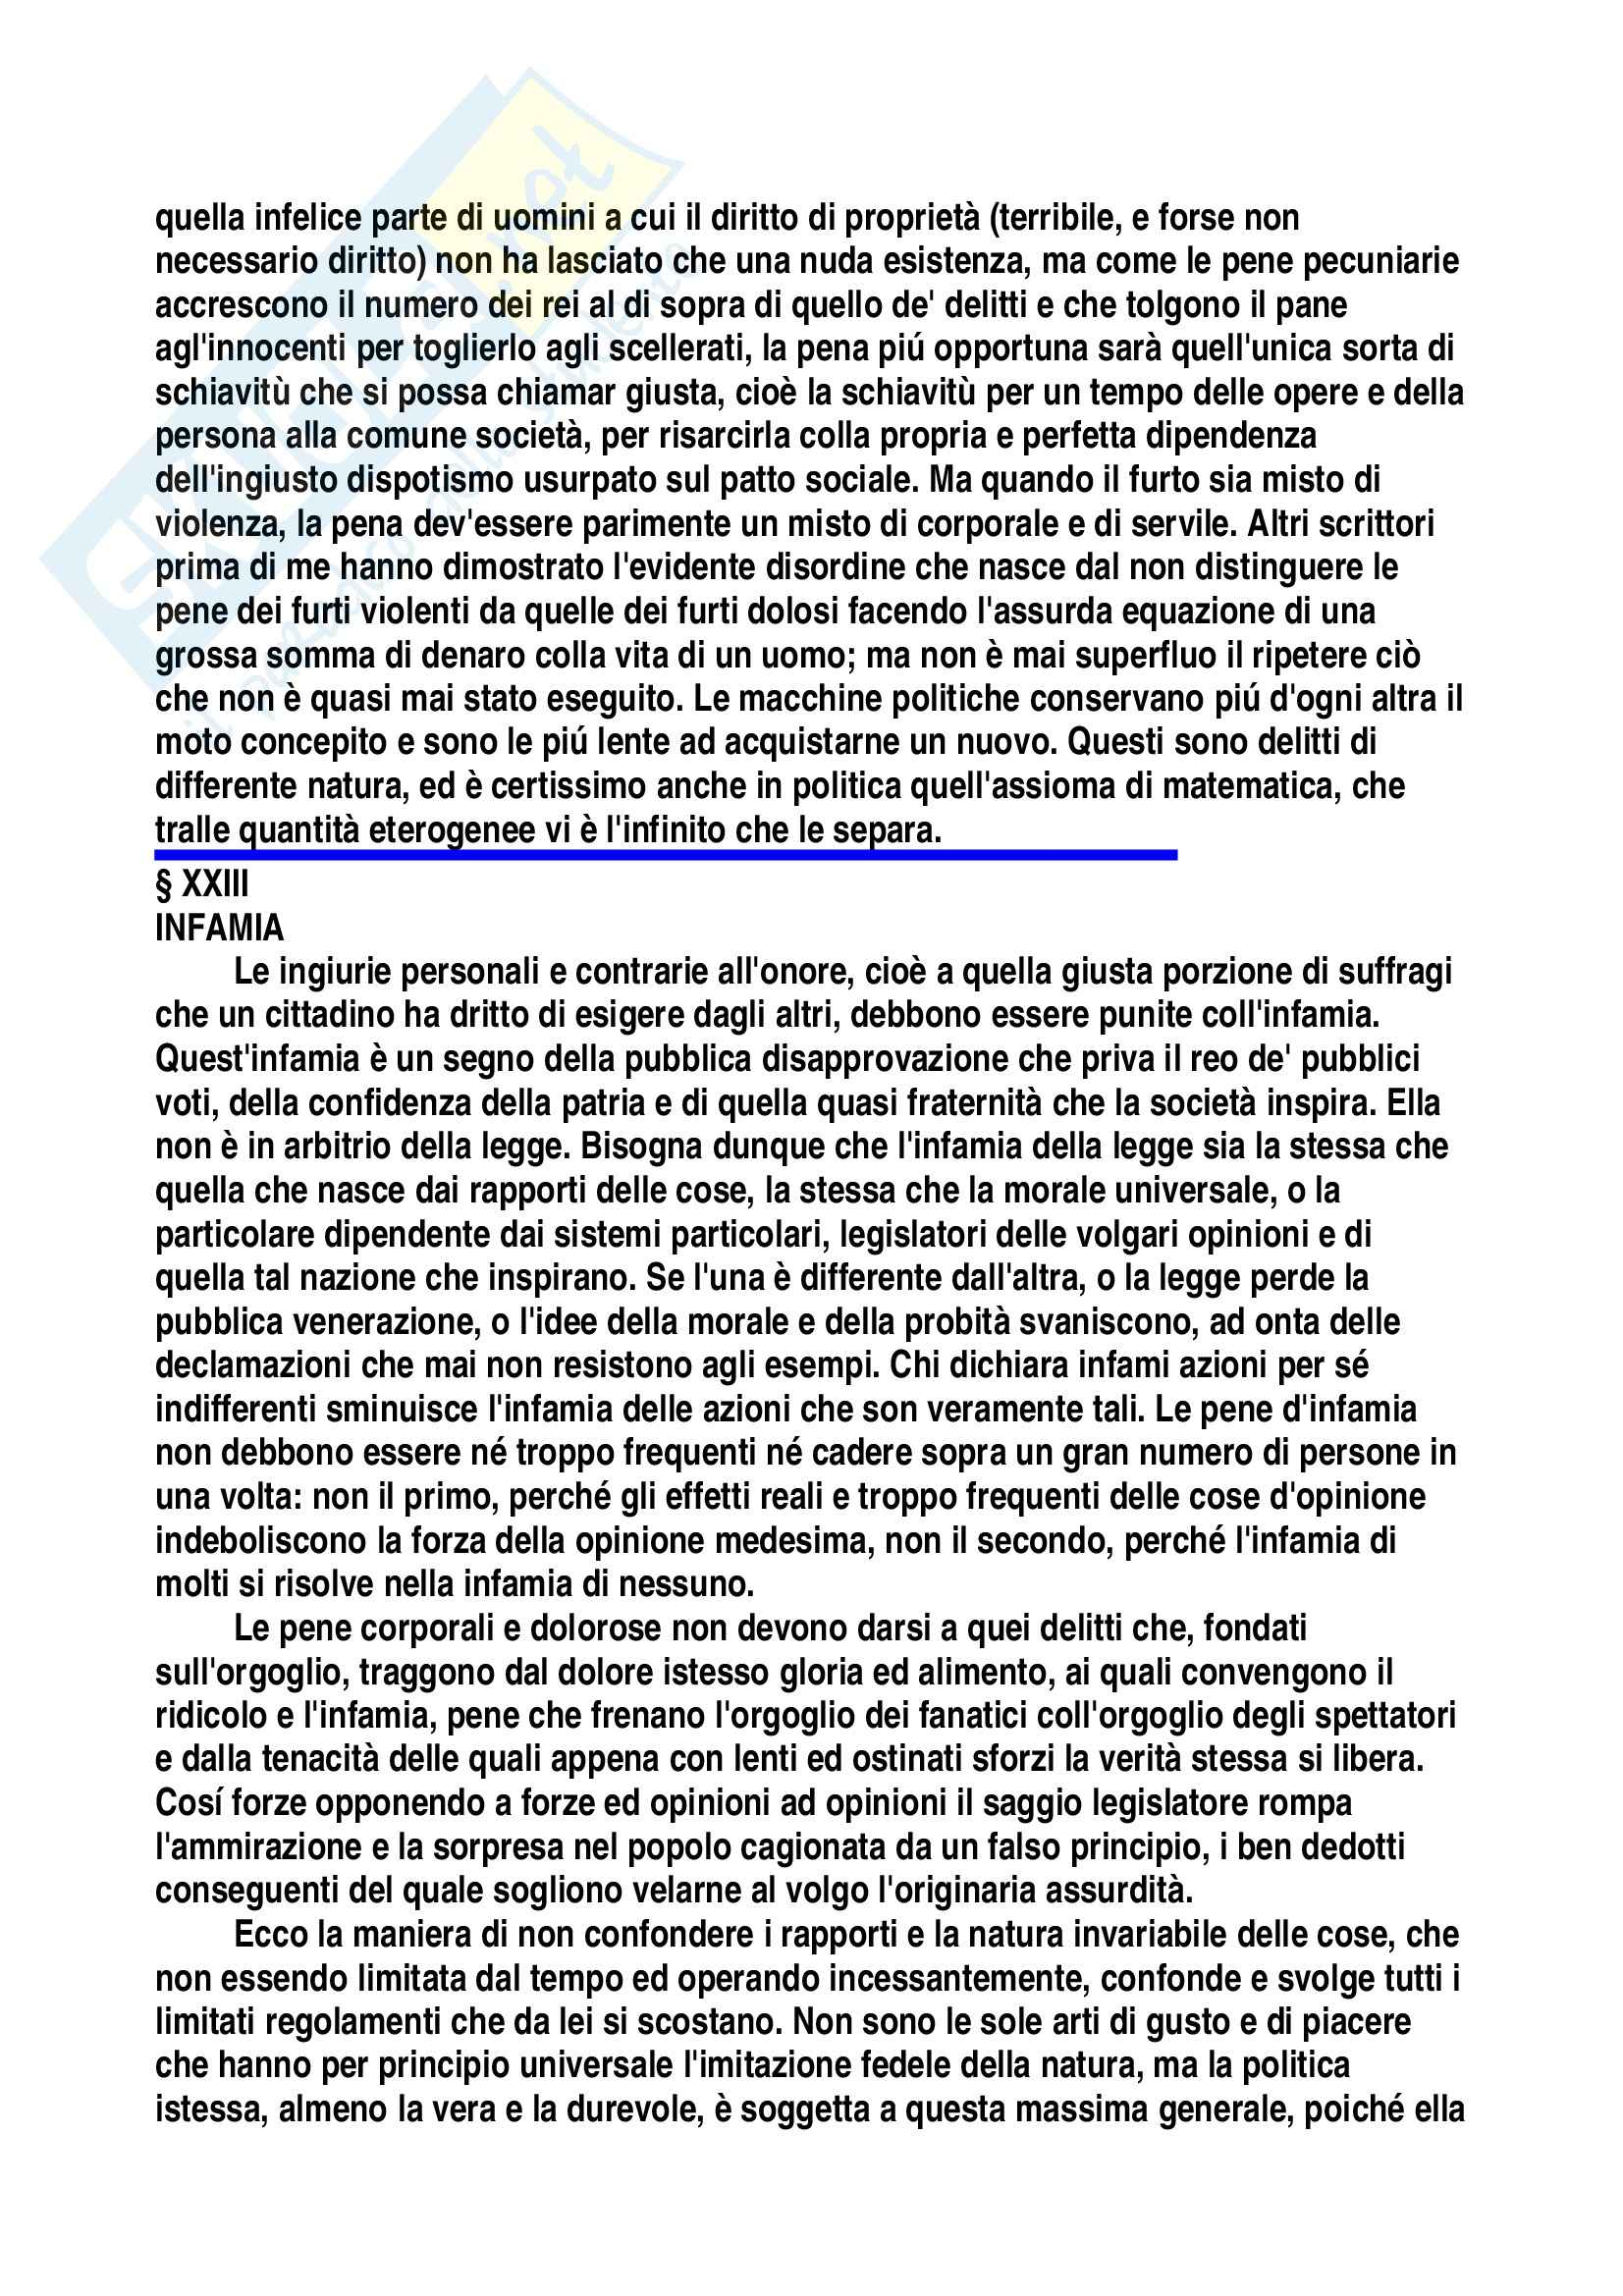 Diritto penale - Tesi su Cesare Beccaria Pag. 41